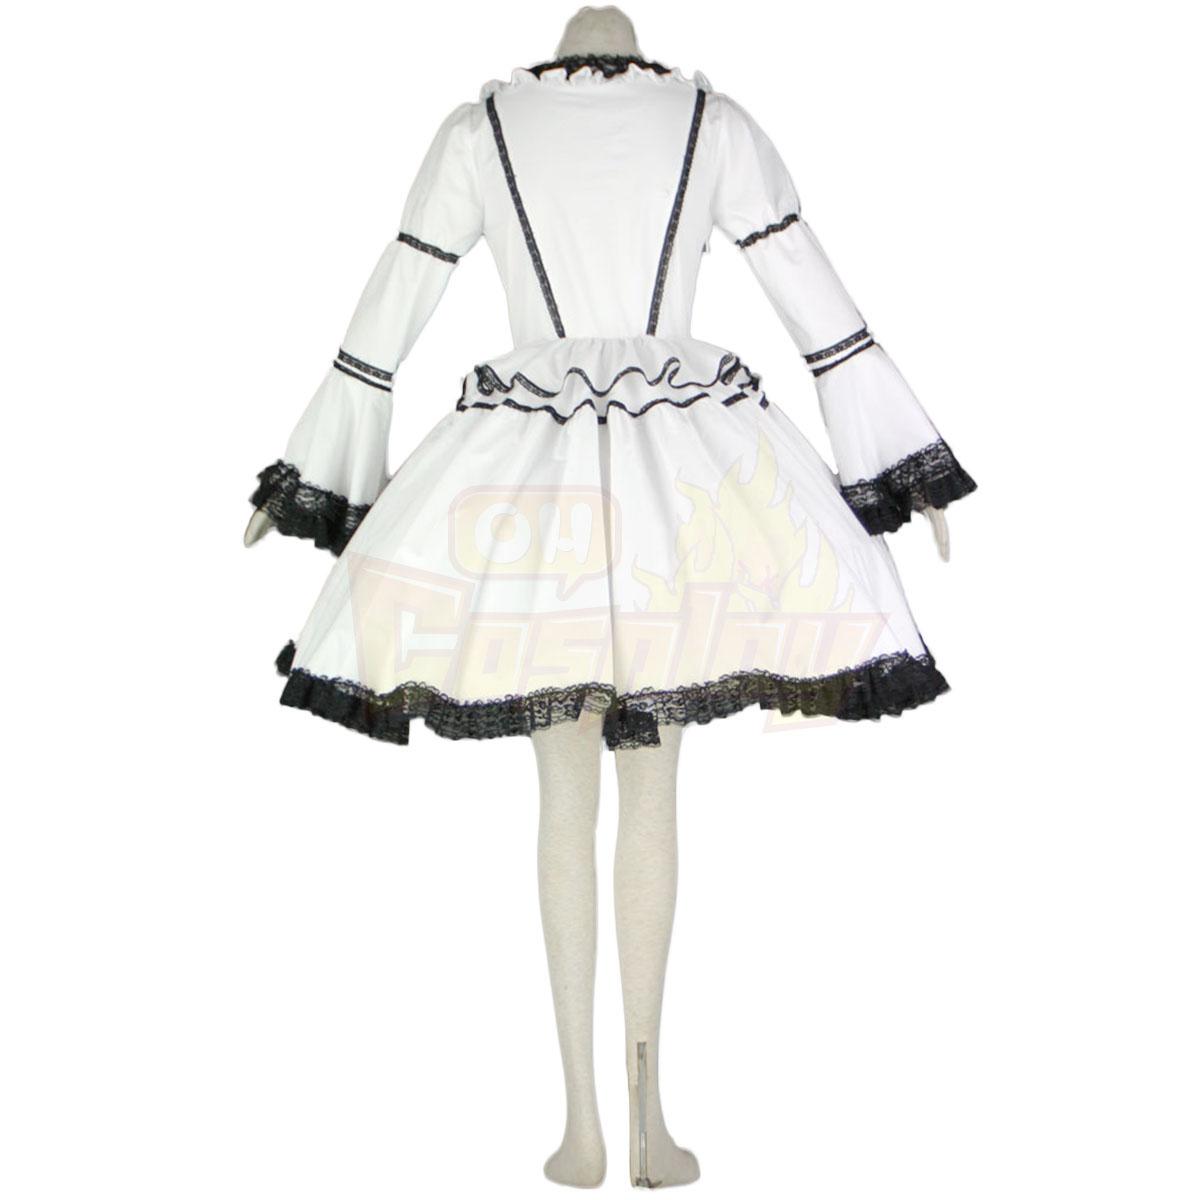 Fantasias Cultura Lolita Vestidos Curtos Homens Sets Trajes Cosplay